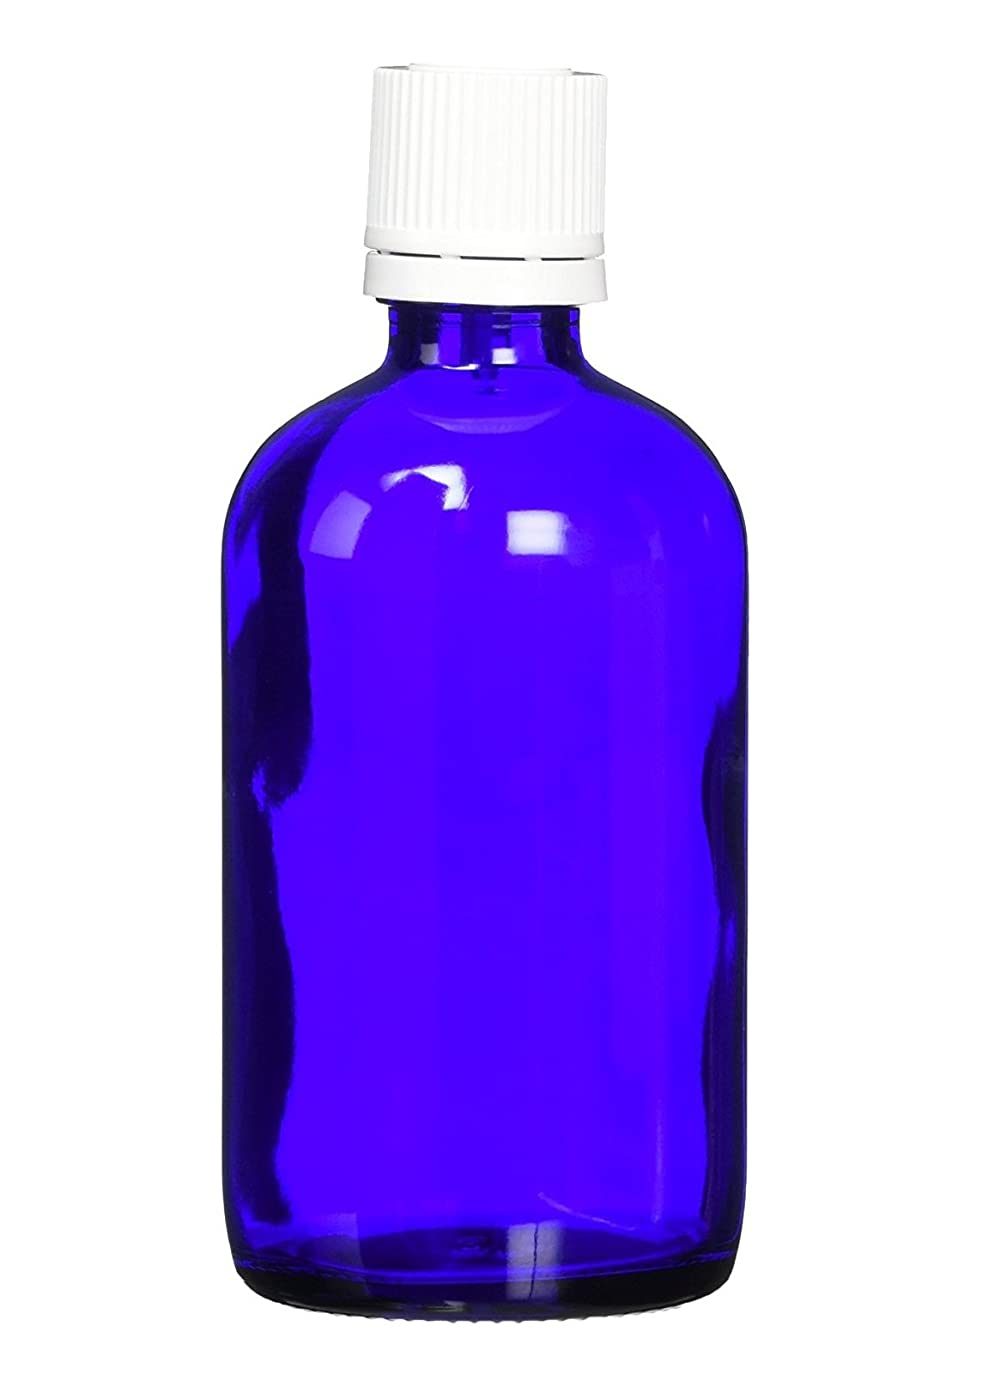 クロール鋸歯状冷蔵庫ease 遮光ビン ブルー 100ml×5本